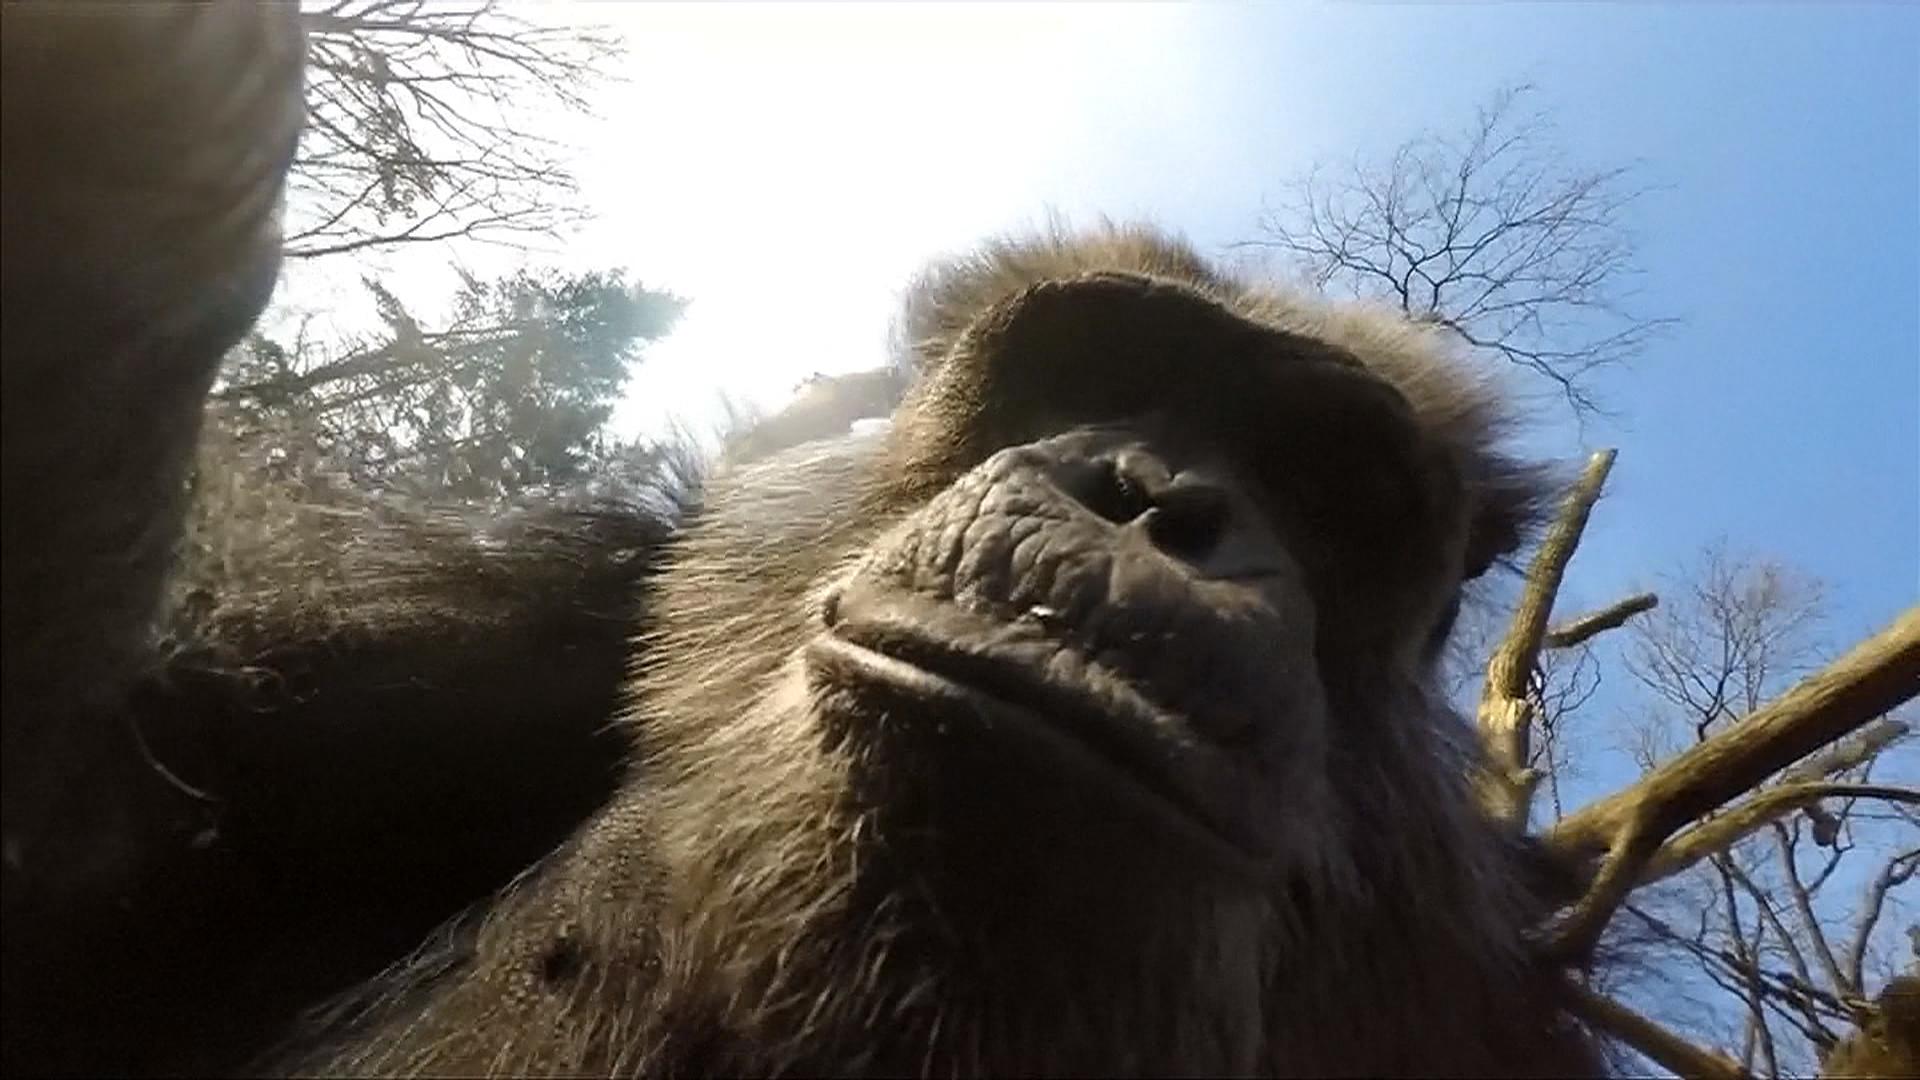 Chimpanzee Knocking Down a Drone